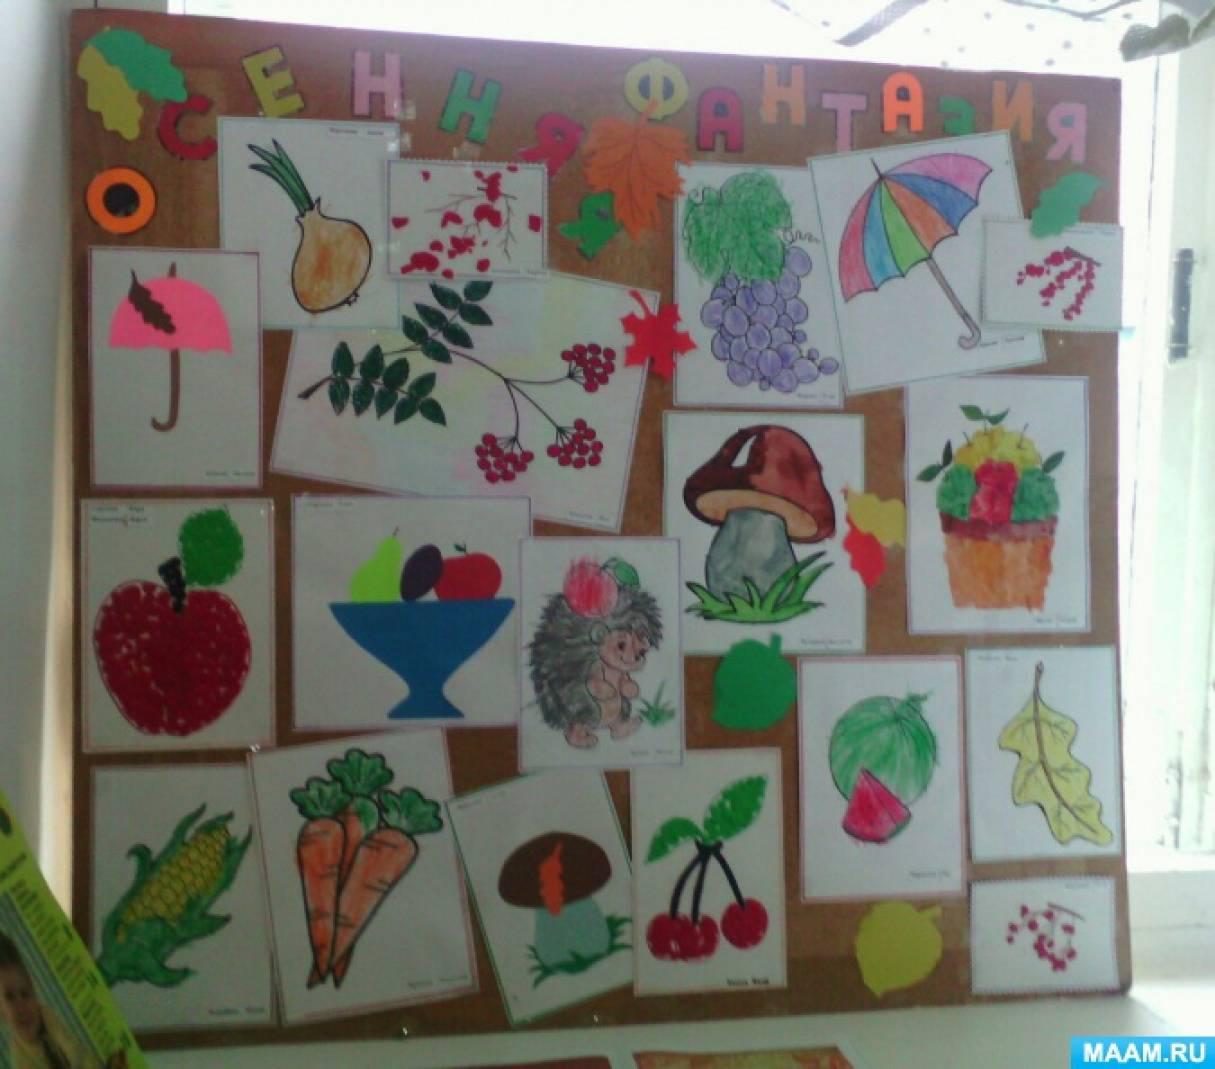 Выставка детского творчества «Осенние фантазии»